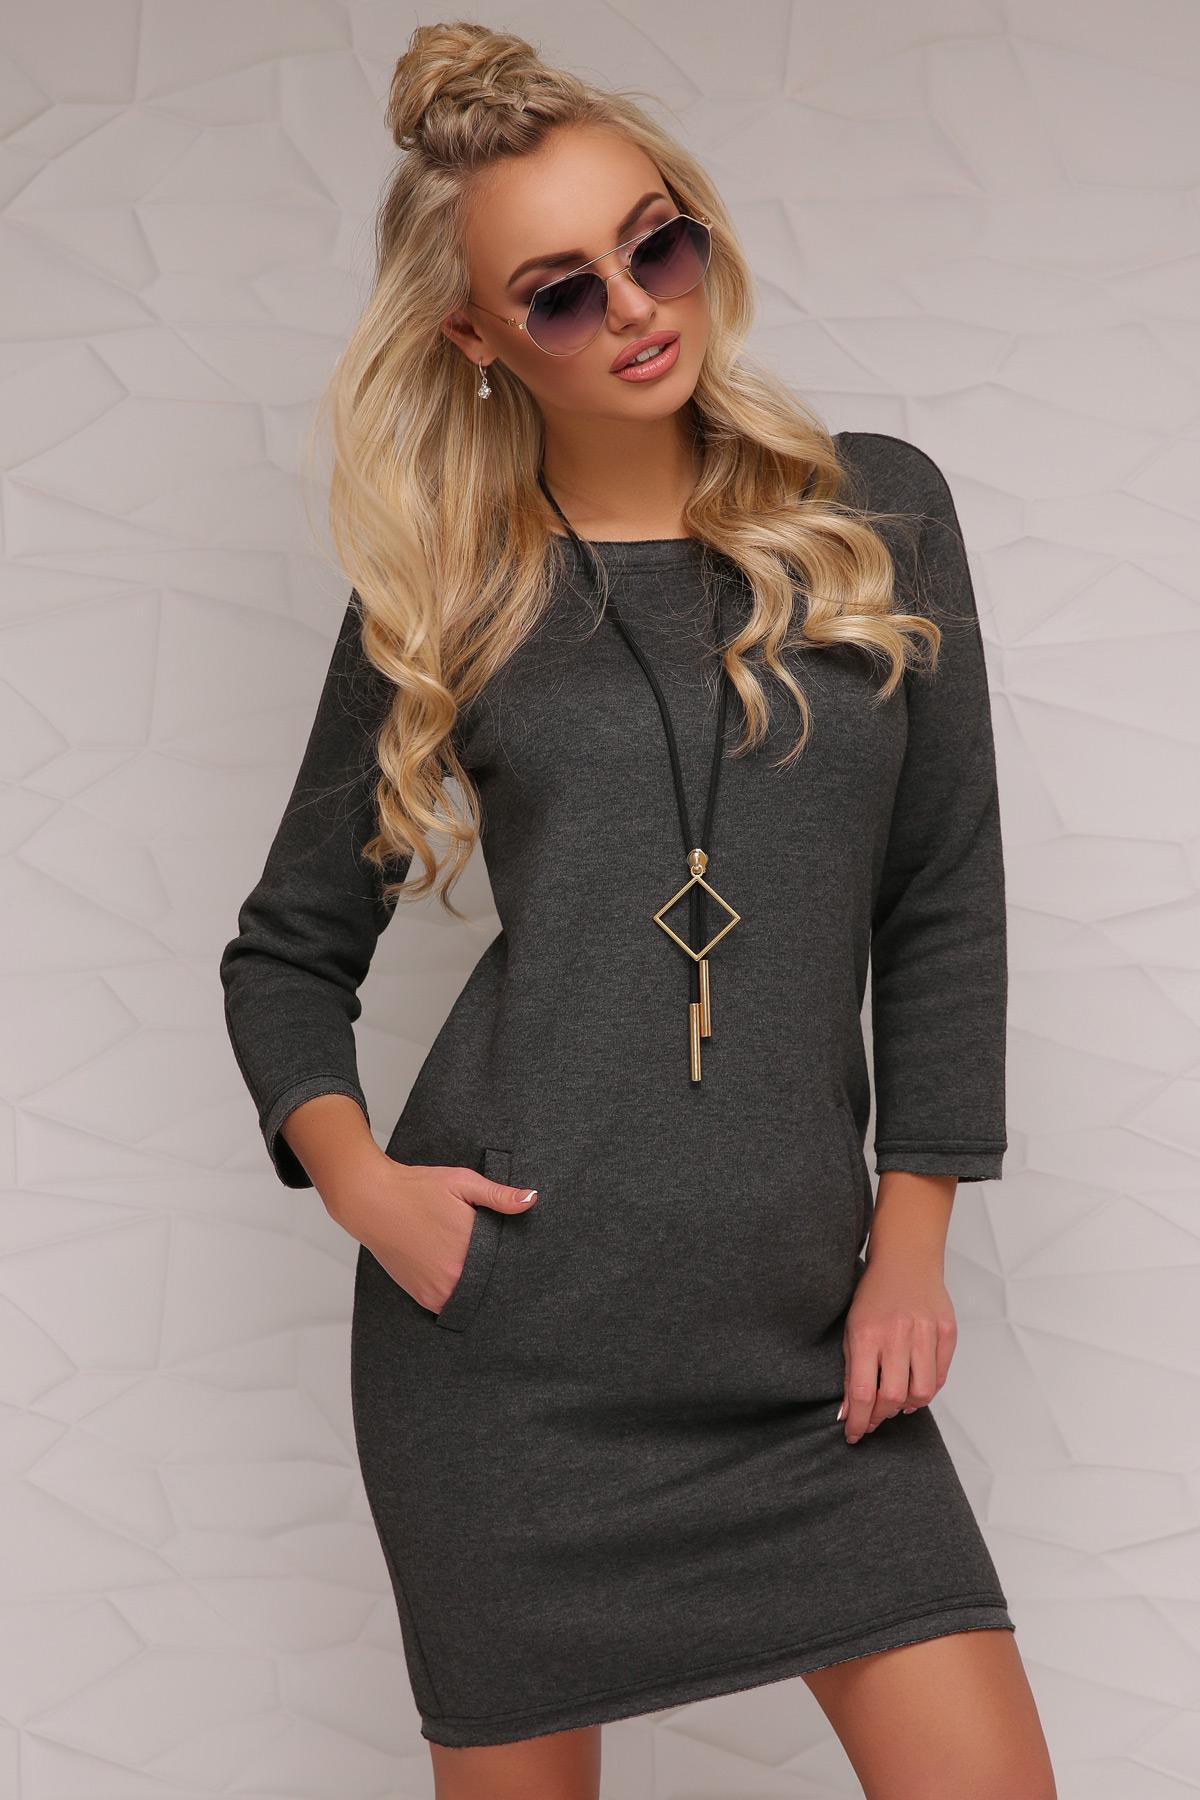 1561d976d91 Темно-серое трикотажное платье. платье Глория д р. Цвет  графит